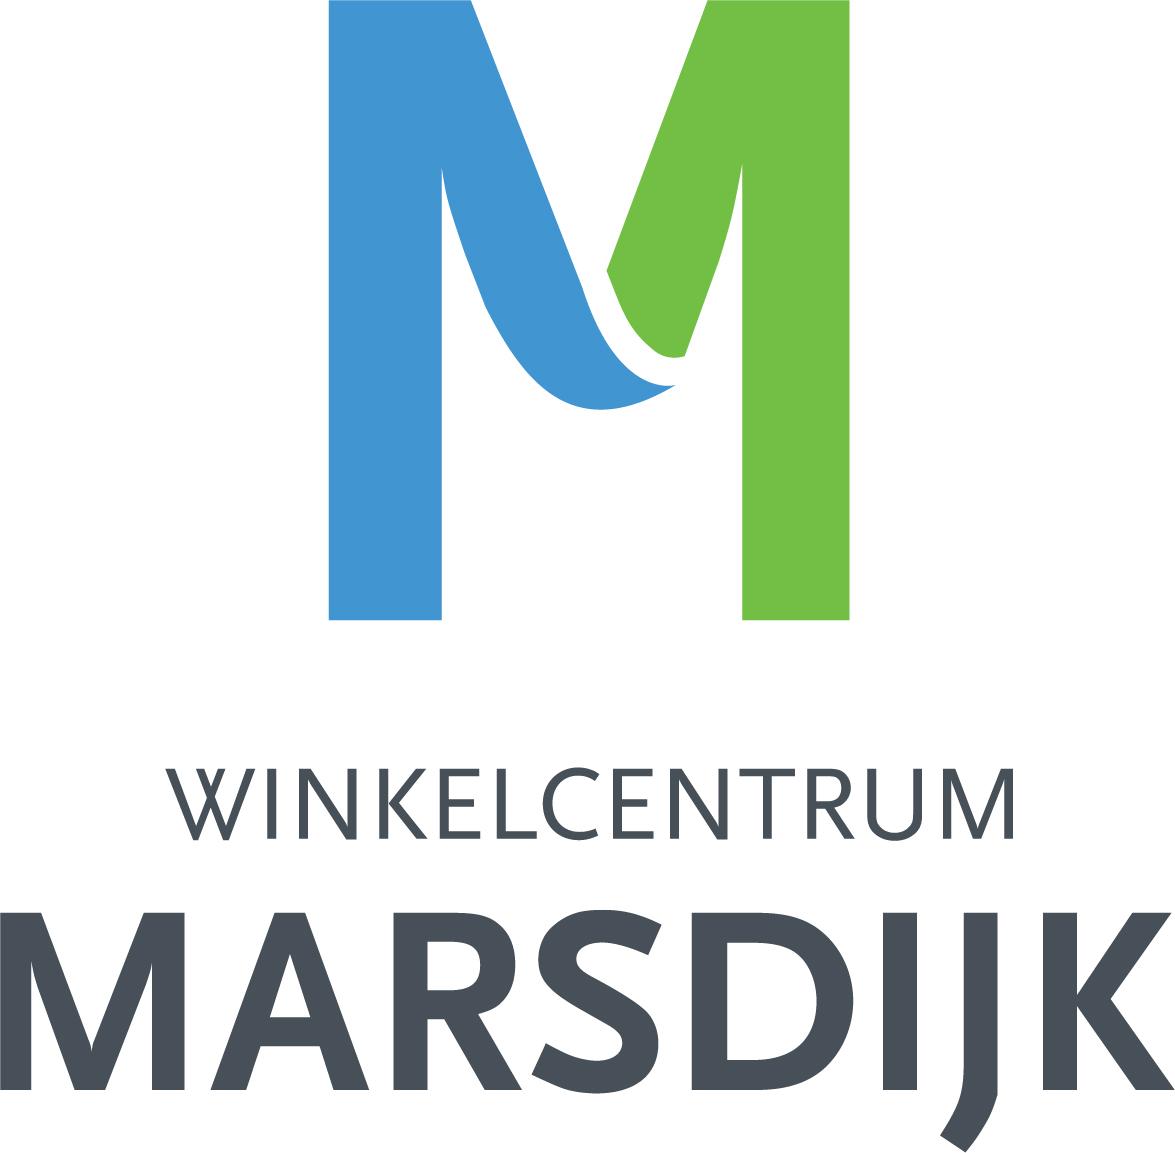 Winkelcentrum Marsdijk